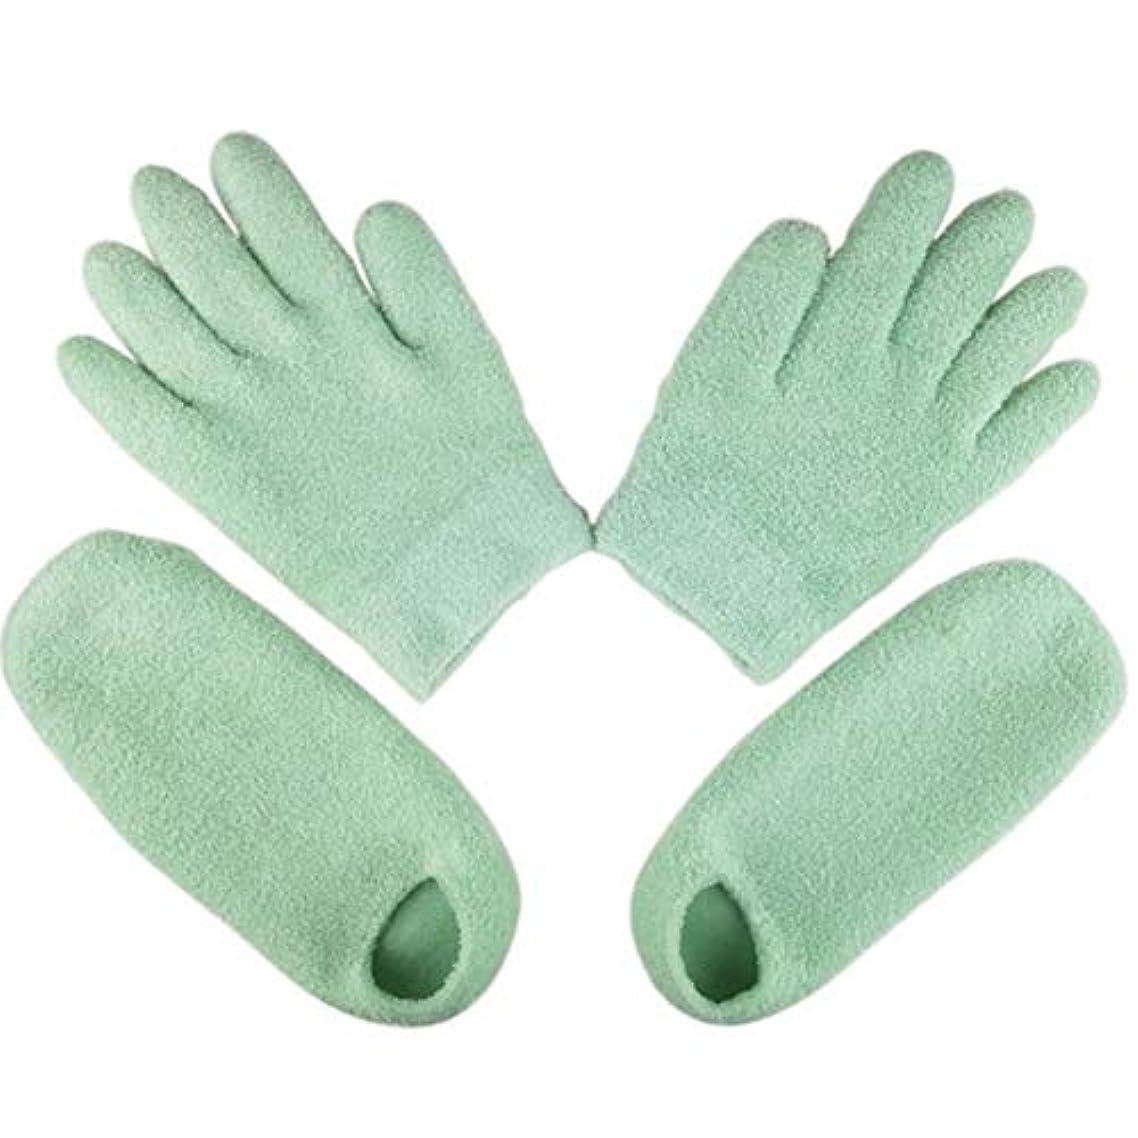 鎮静剤ぴかぴかアスペクトTerGOOSE 美容 保湿 手袋 ゲル 靴下 モイスチャライジングジェルグローブ 手荒れ対策 保湿ケア フット ハンドケア用 高保湿 便利 グリーン